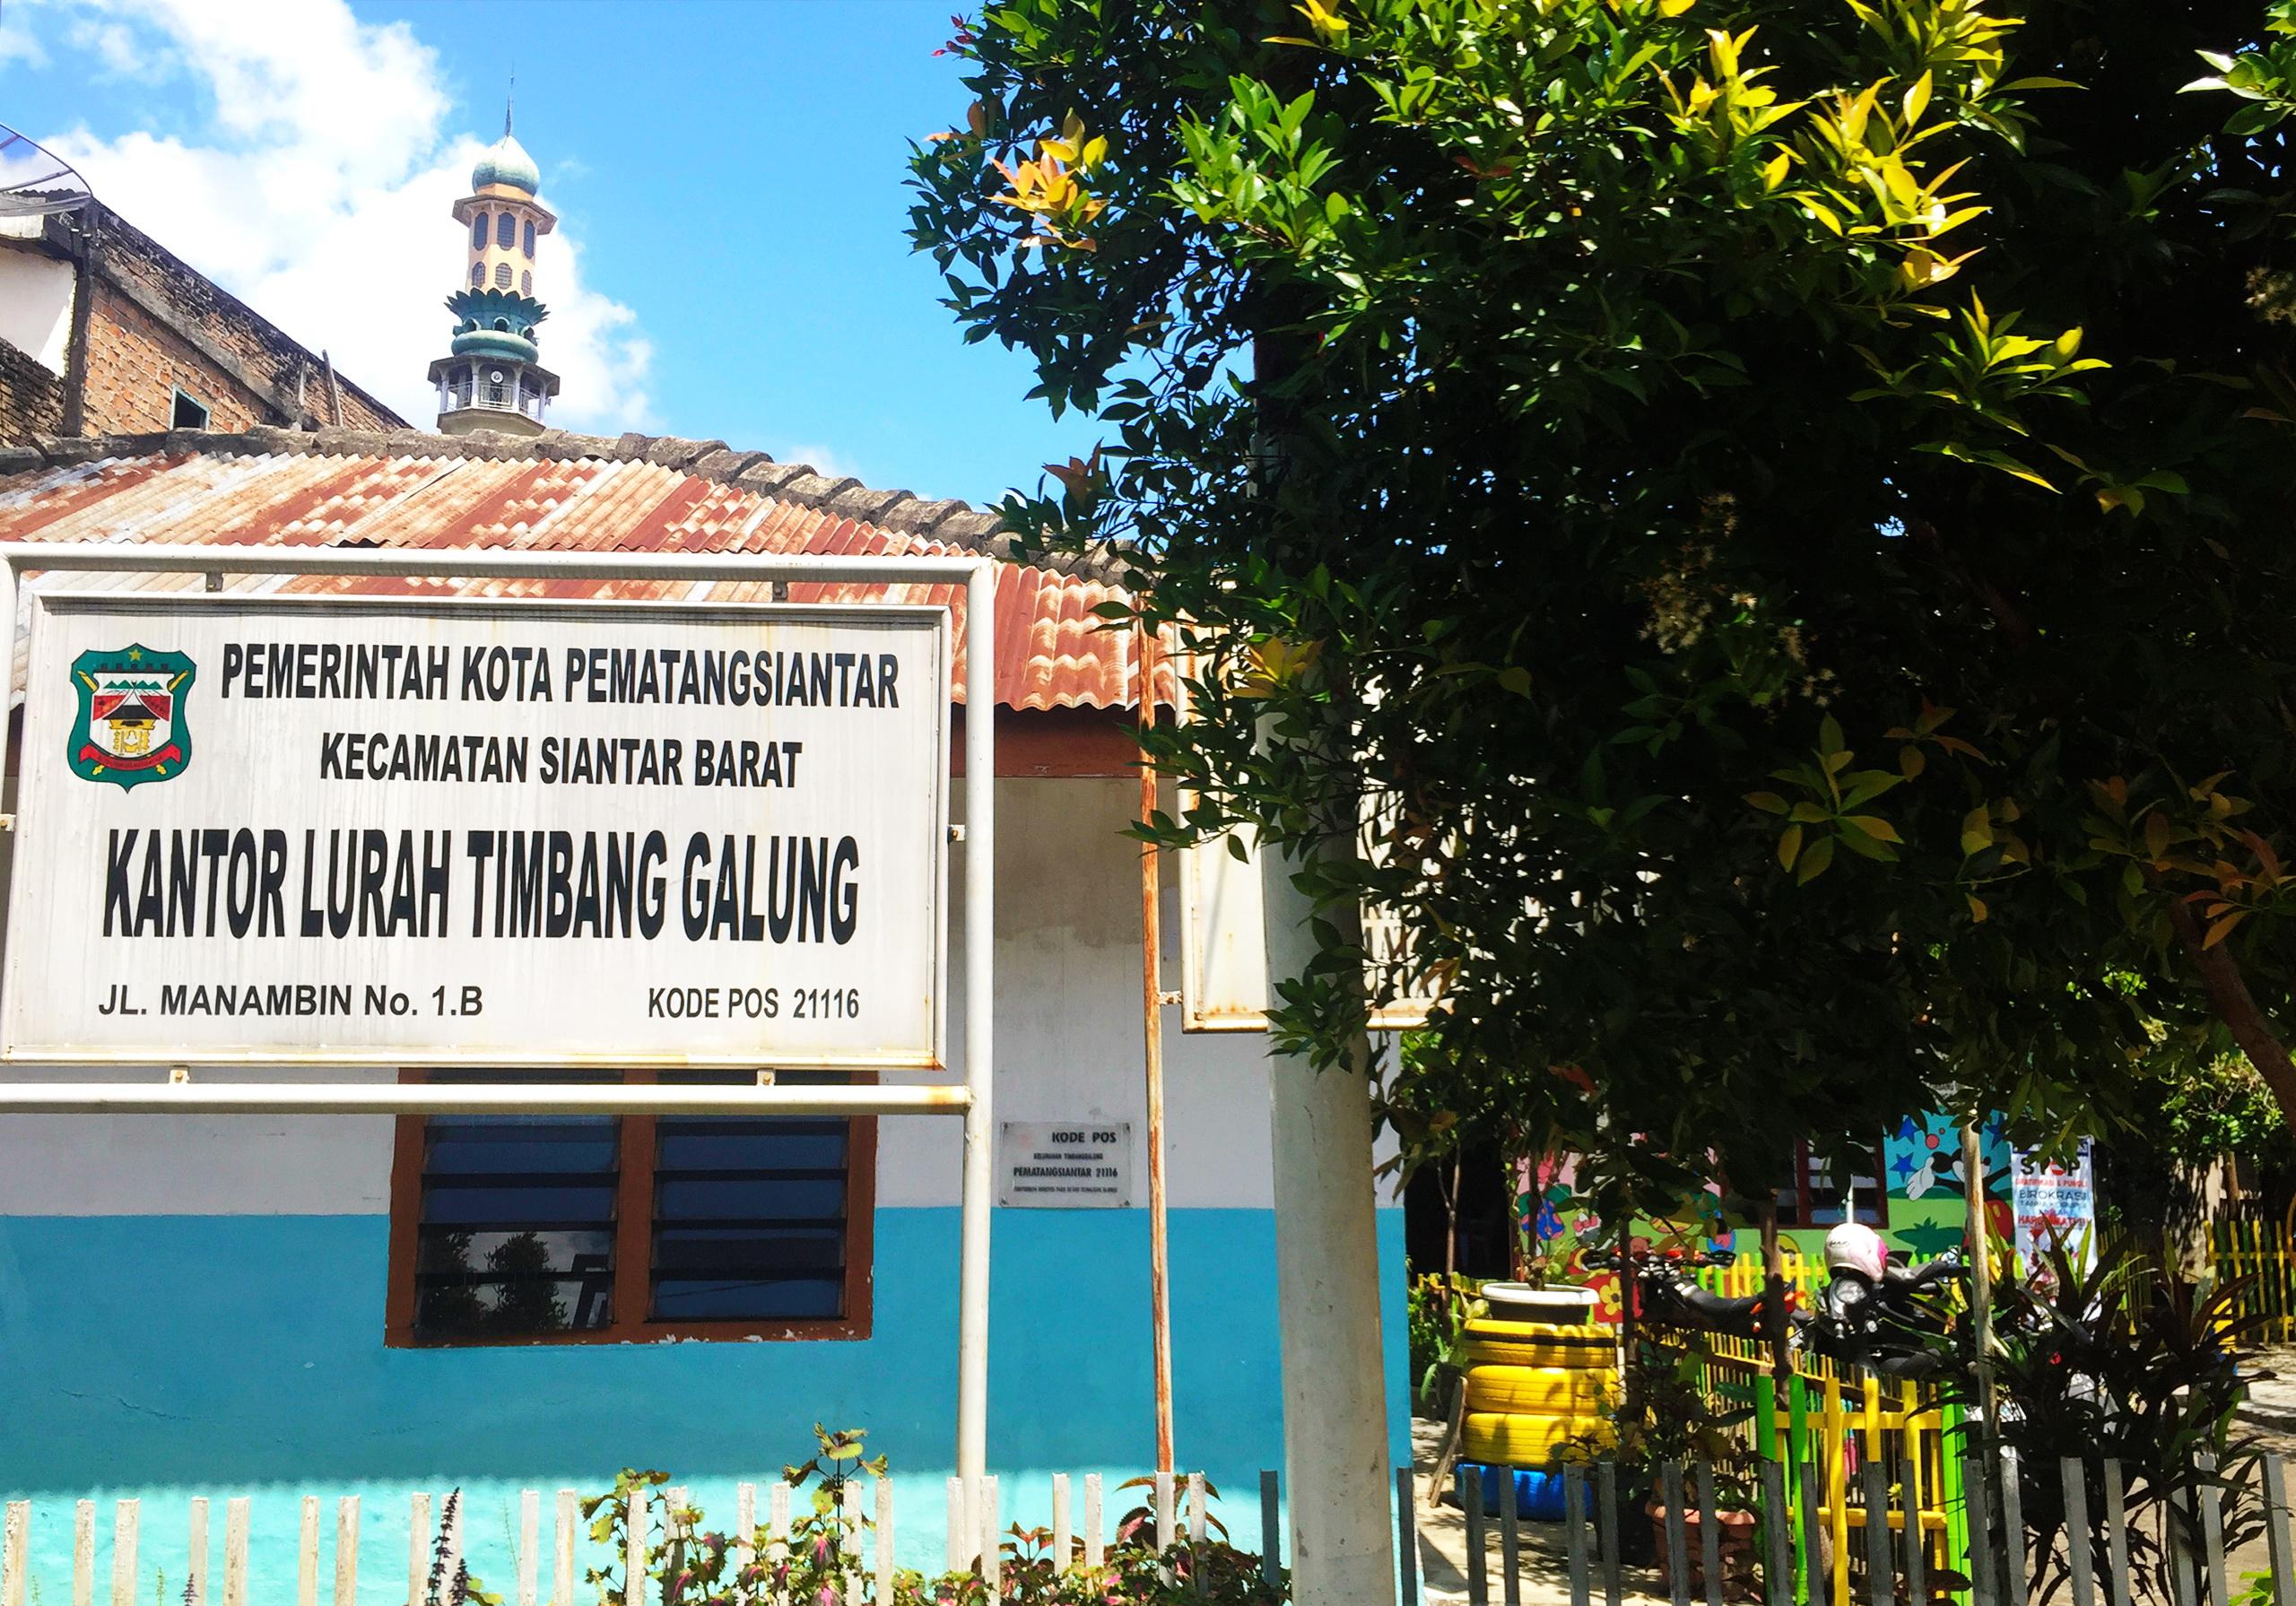 File Kel Timbang Galung Kecamatan Siantar Barat Pematangsiantar Jpg Wikimedia Commons